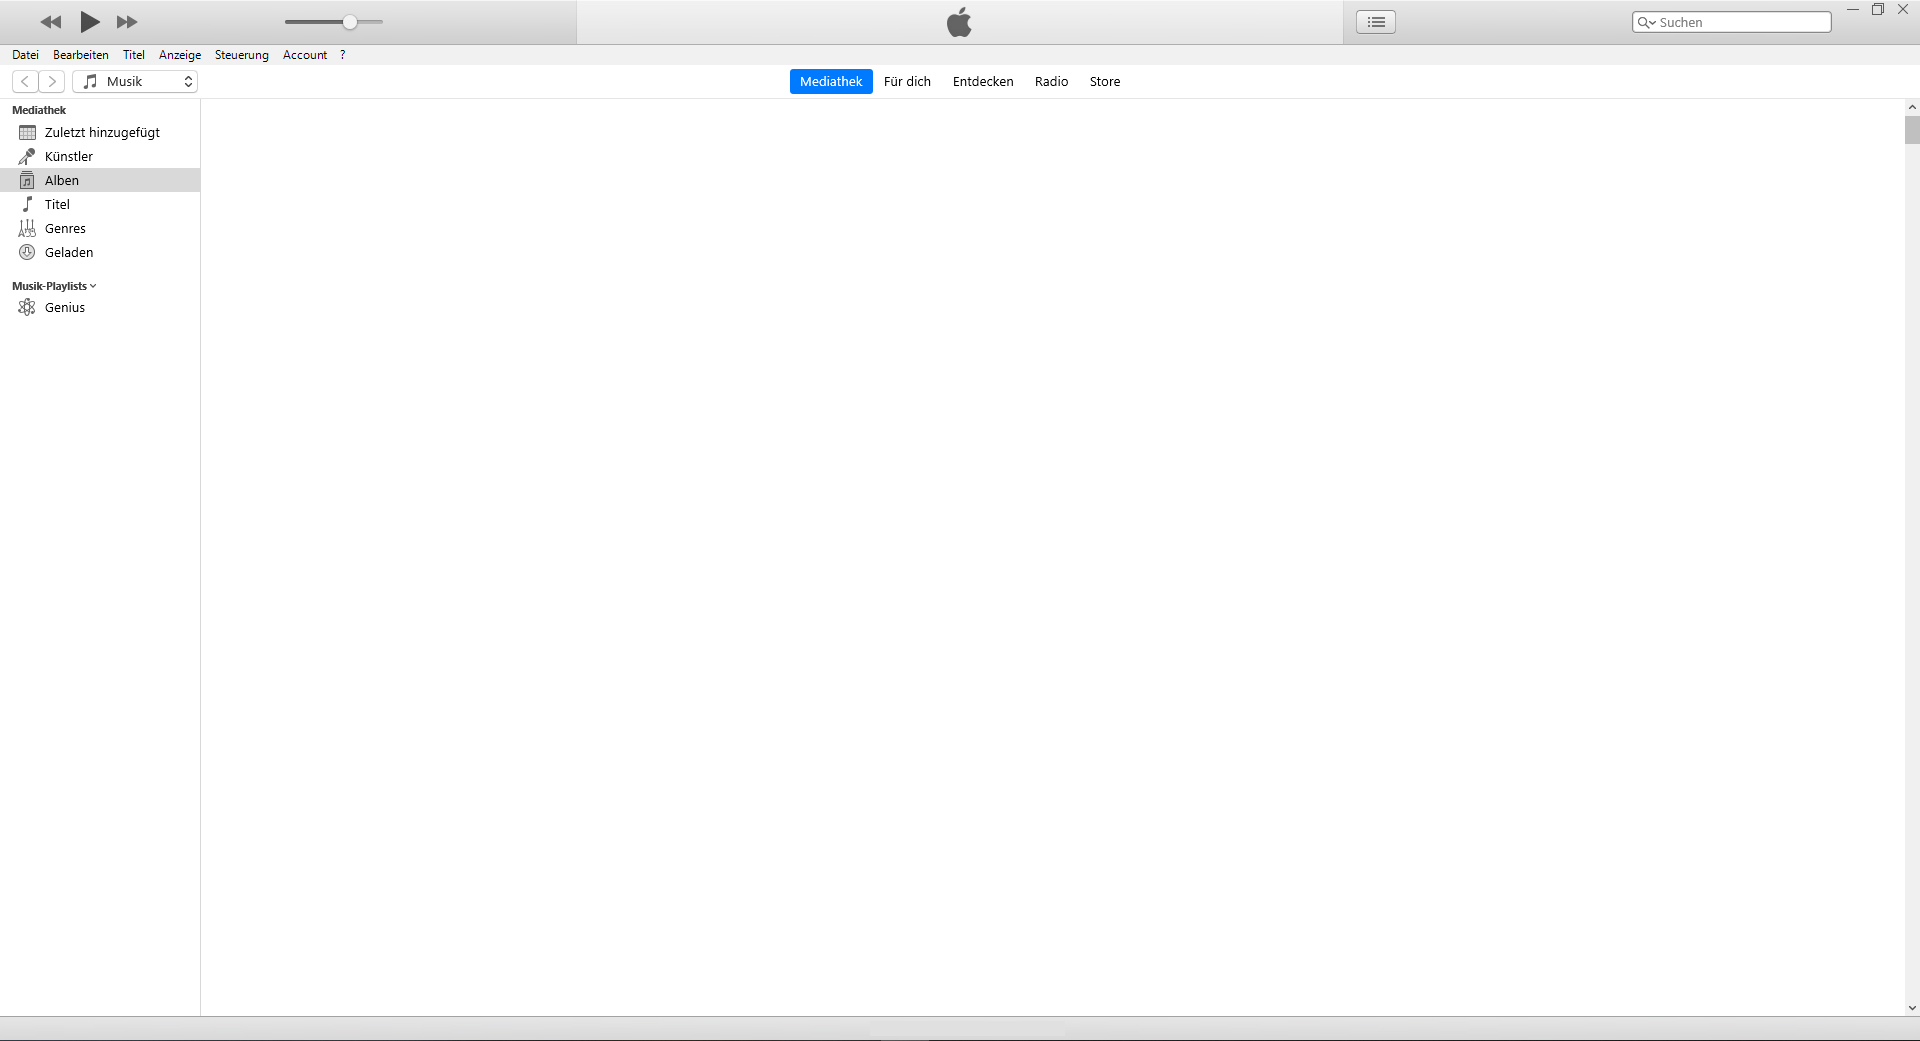 iTunes-Mediathek ist leer